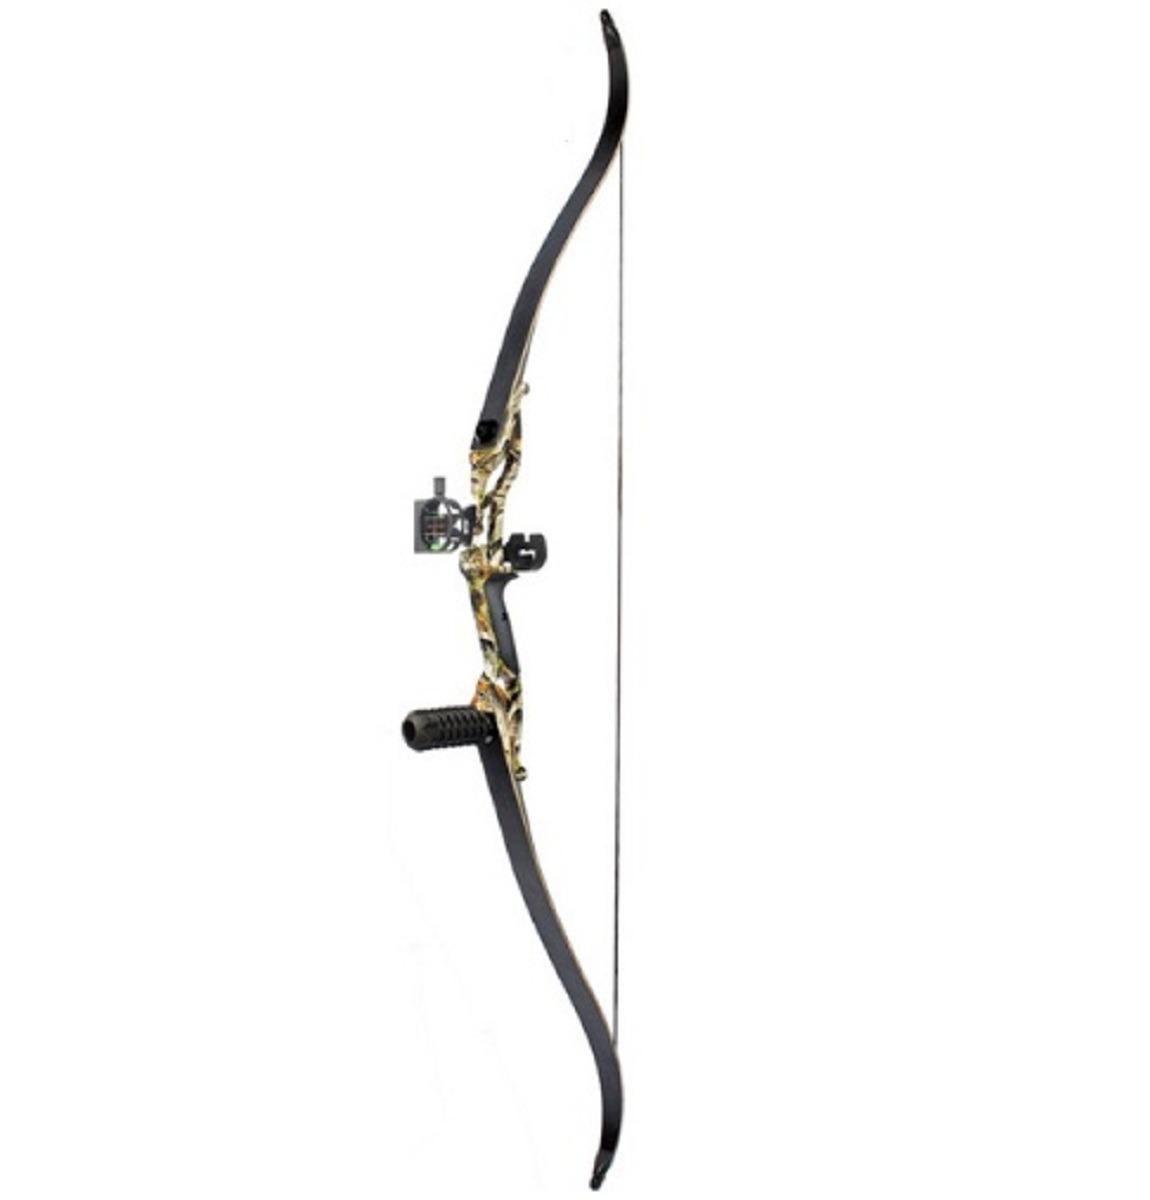 df6feb39d arco recurvo com acessórios profissional caça arqueria. Carregando zoom.